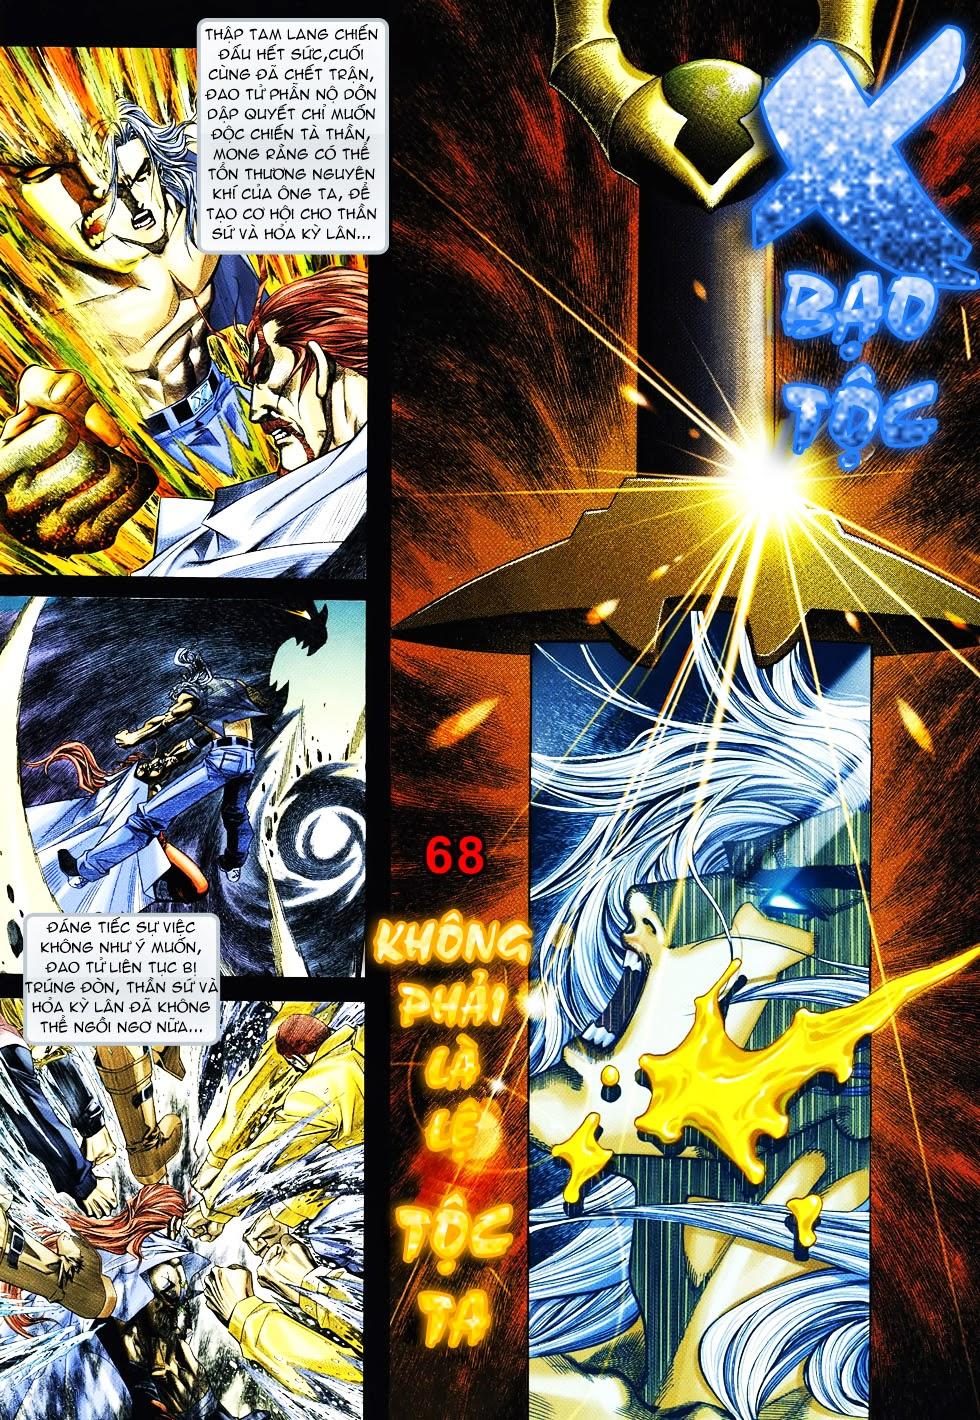 X Bạo Tộc chap 68 - Trang 3